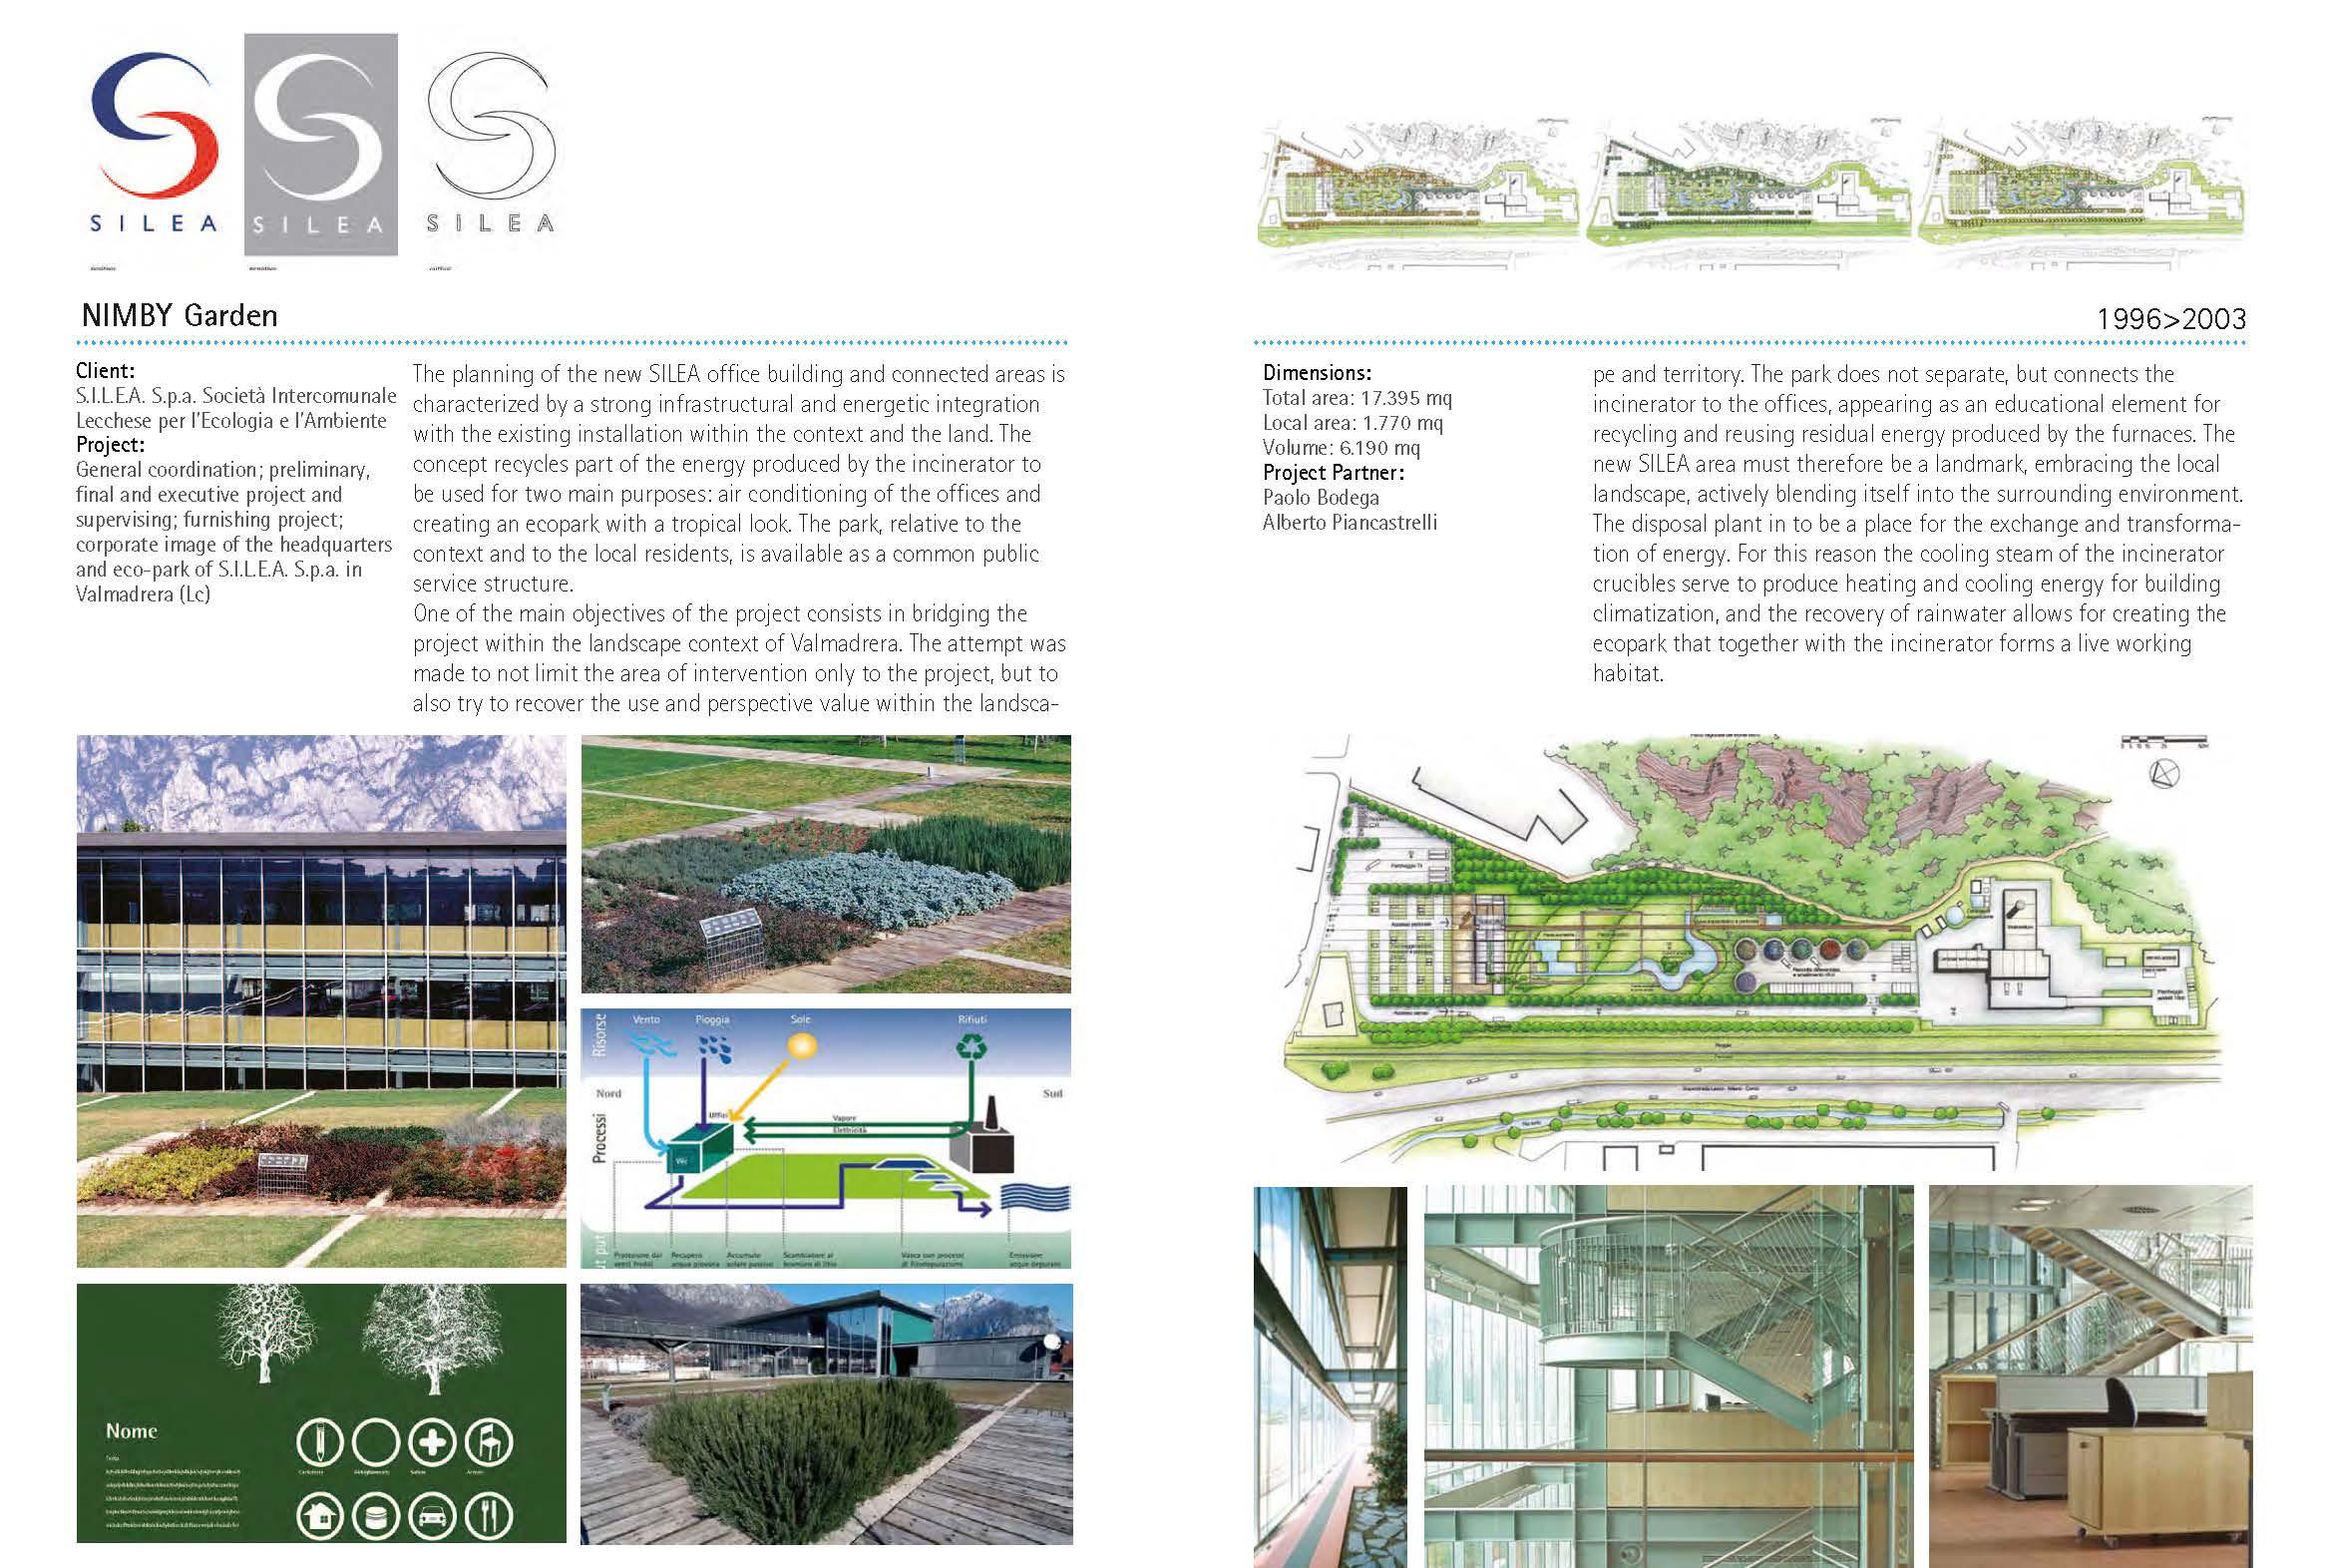 SLIDE-eng NIMBY garden (2)